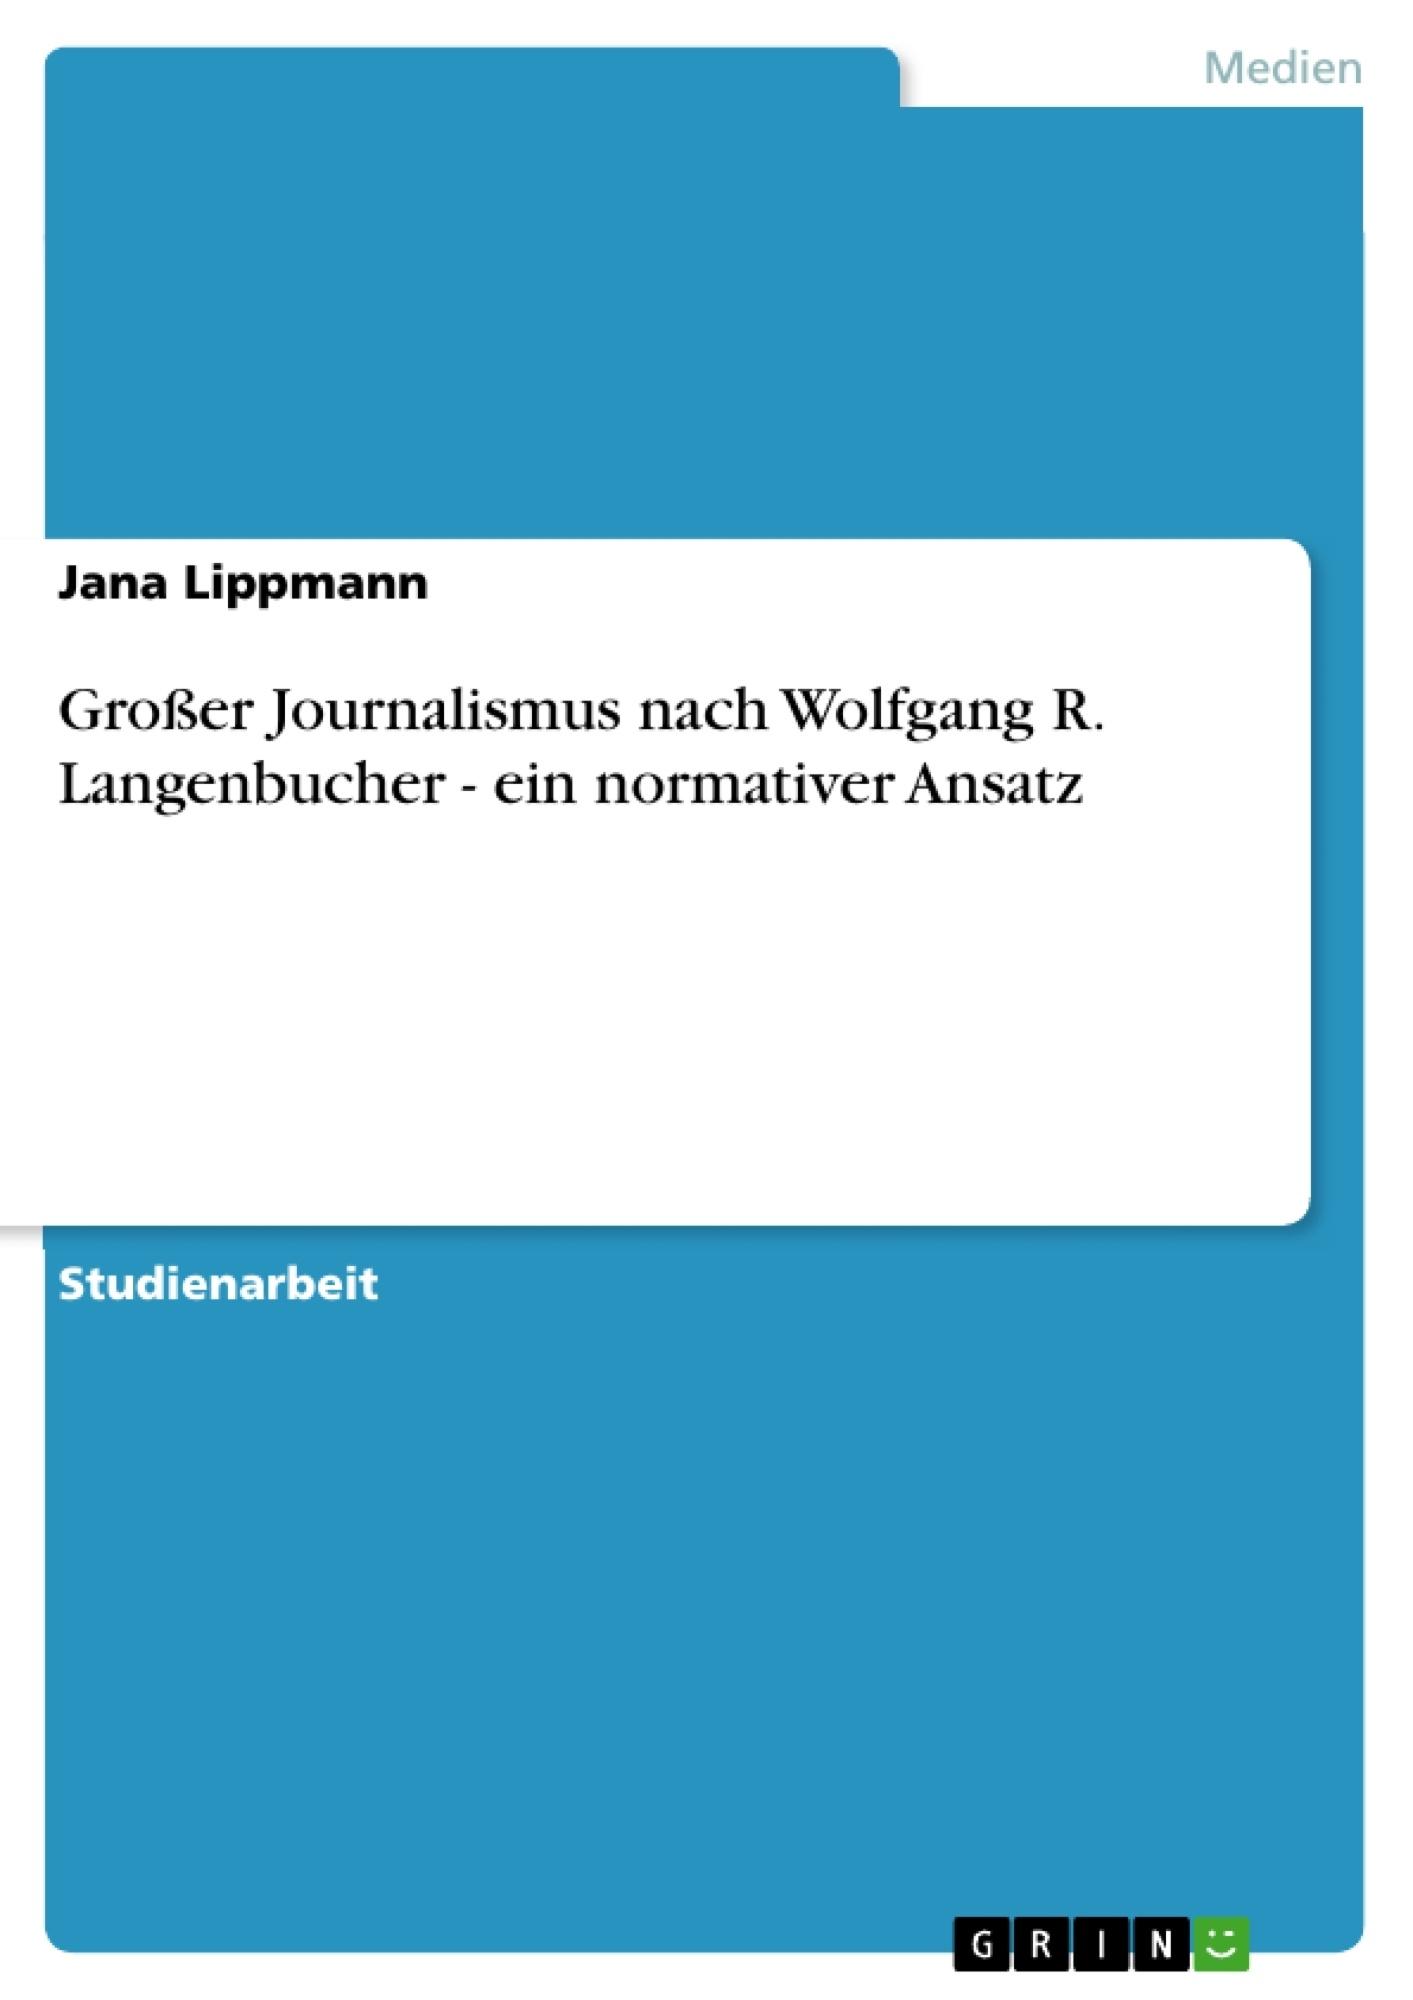 Titel: Großer Journalismus nach Wolfgang R. Langenbucher - ein normativer Ansatz